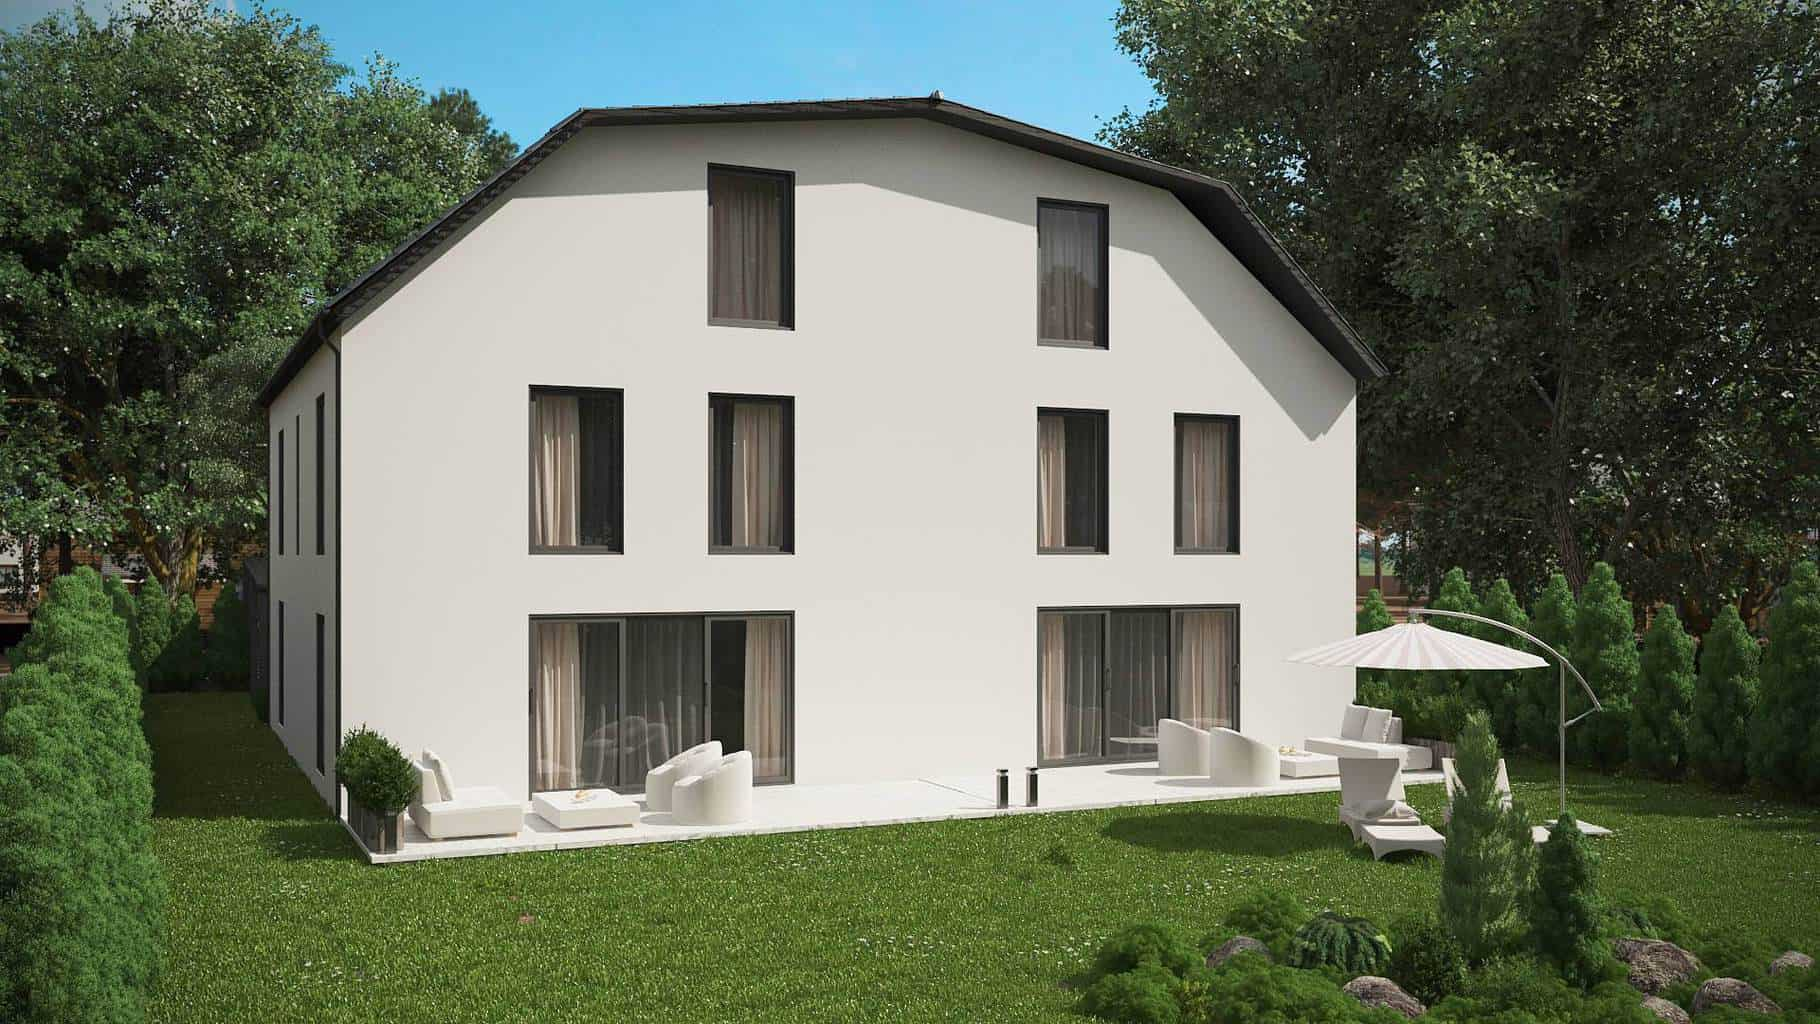 Wohnbauprojekt Neuaigen Tulln